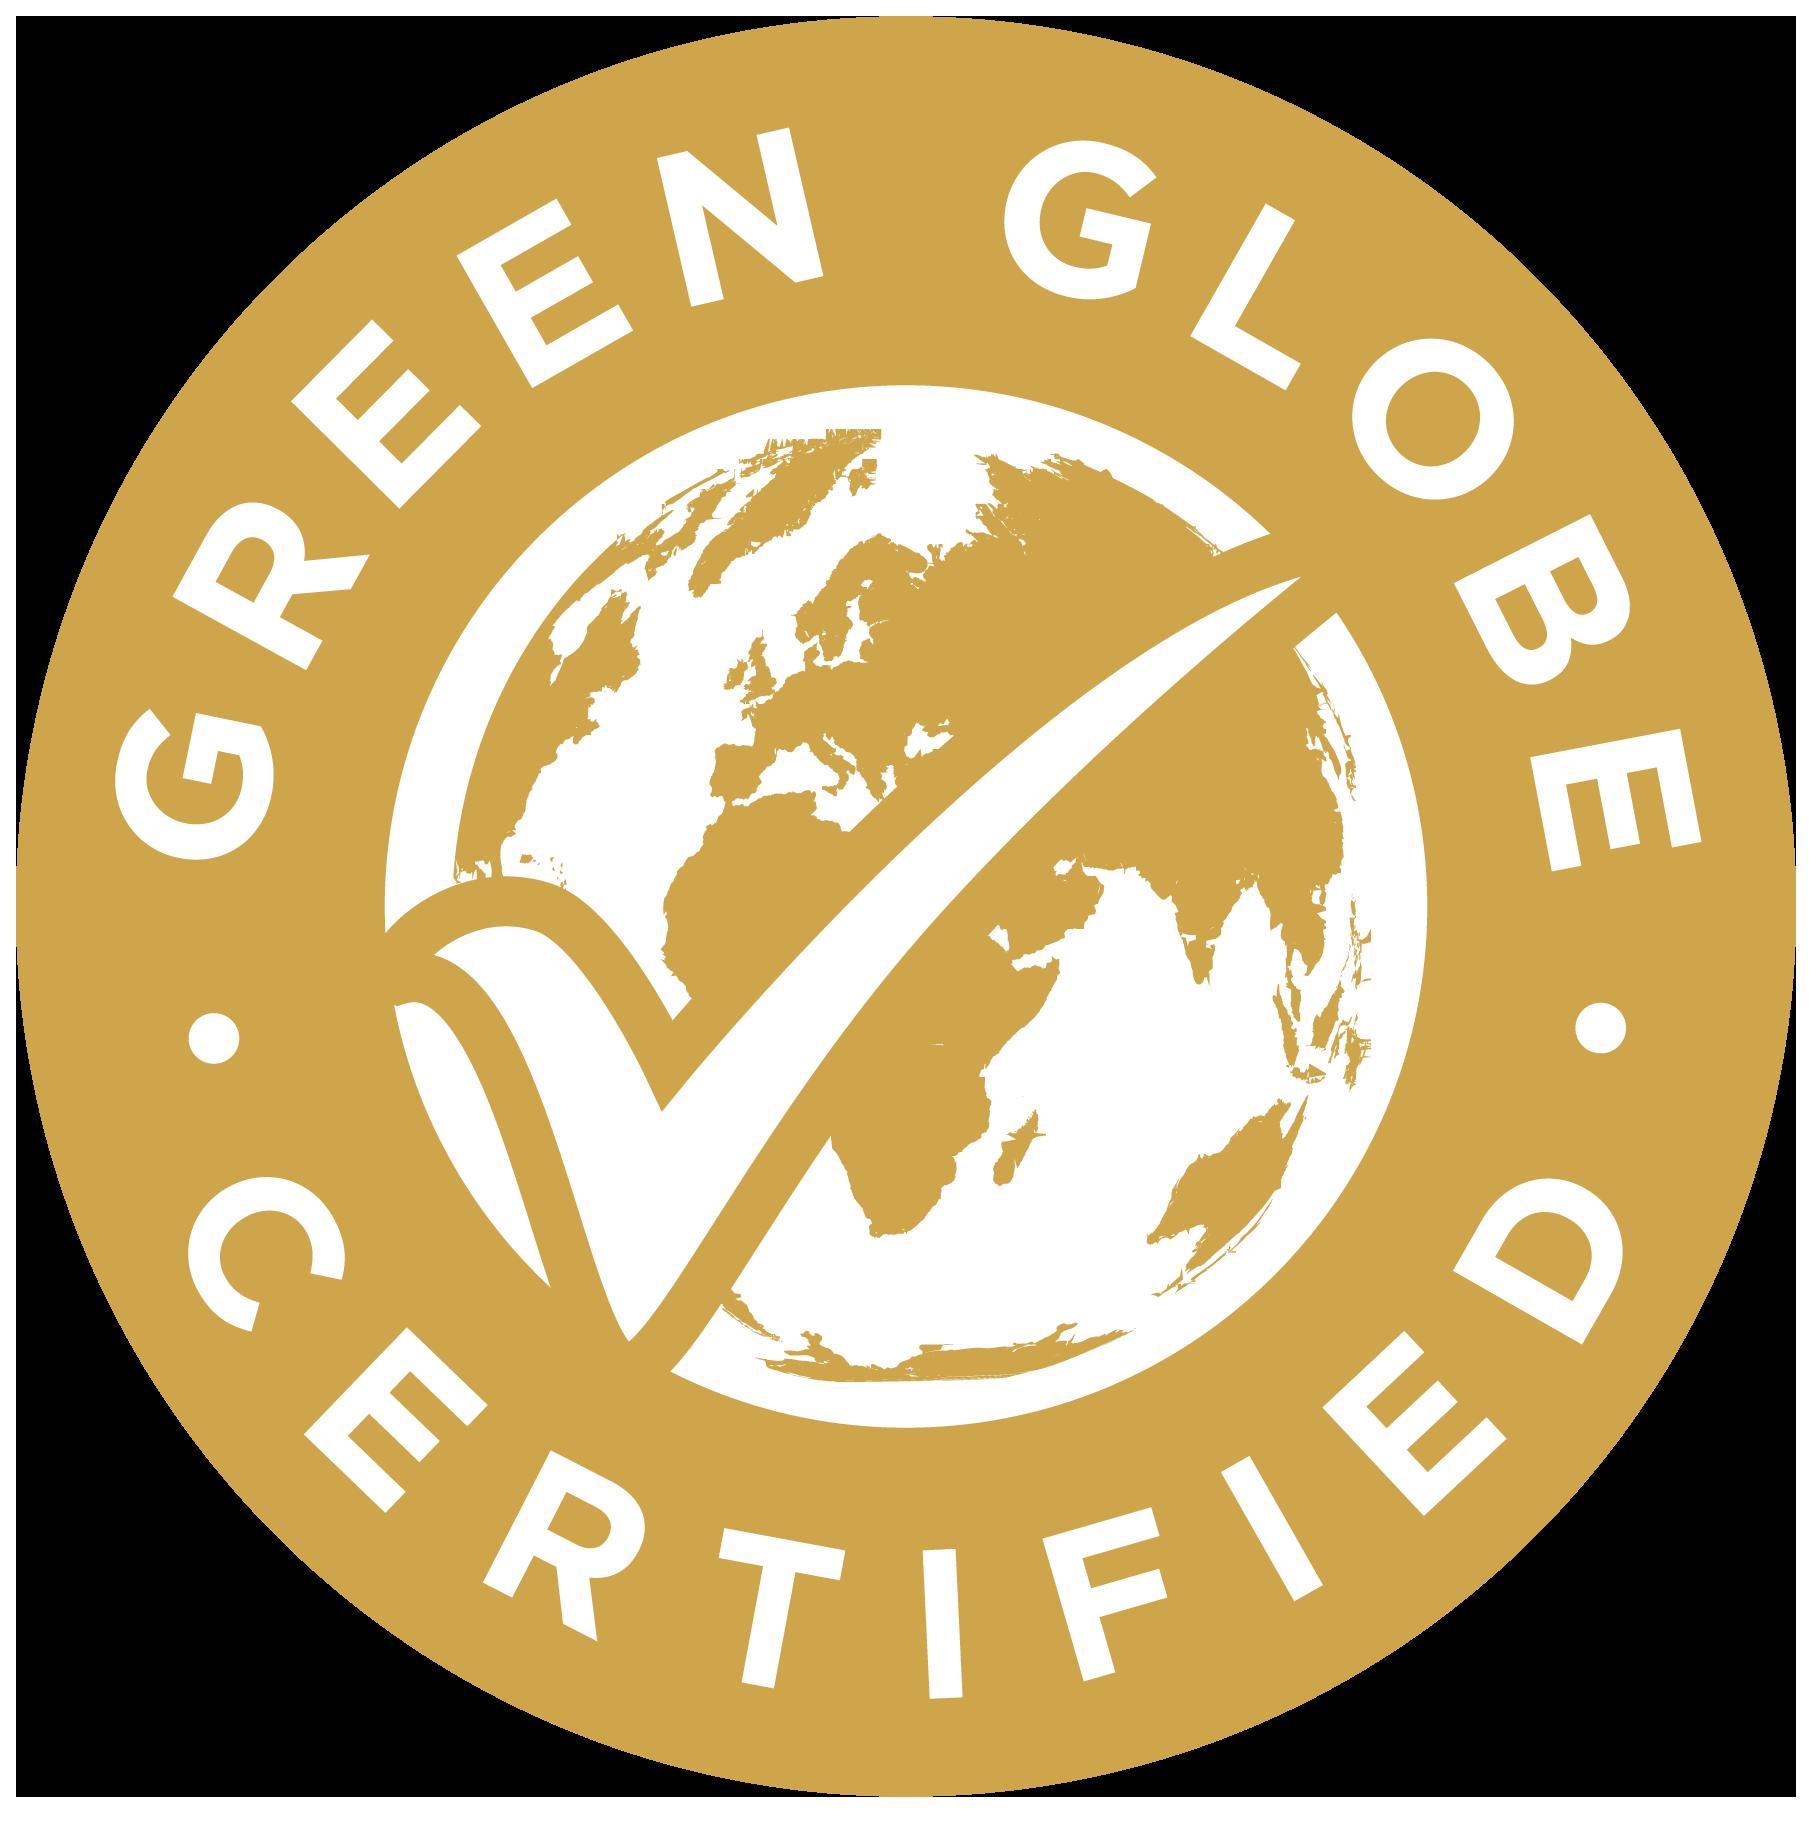 Green globe le pal. Environment clipart clean park